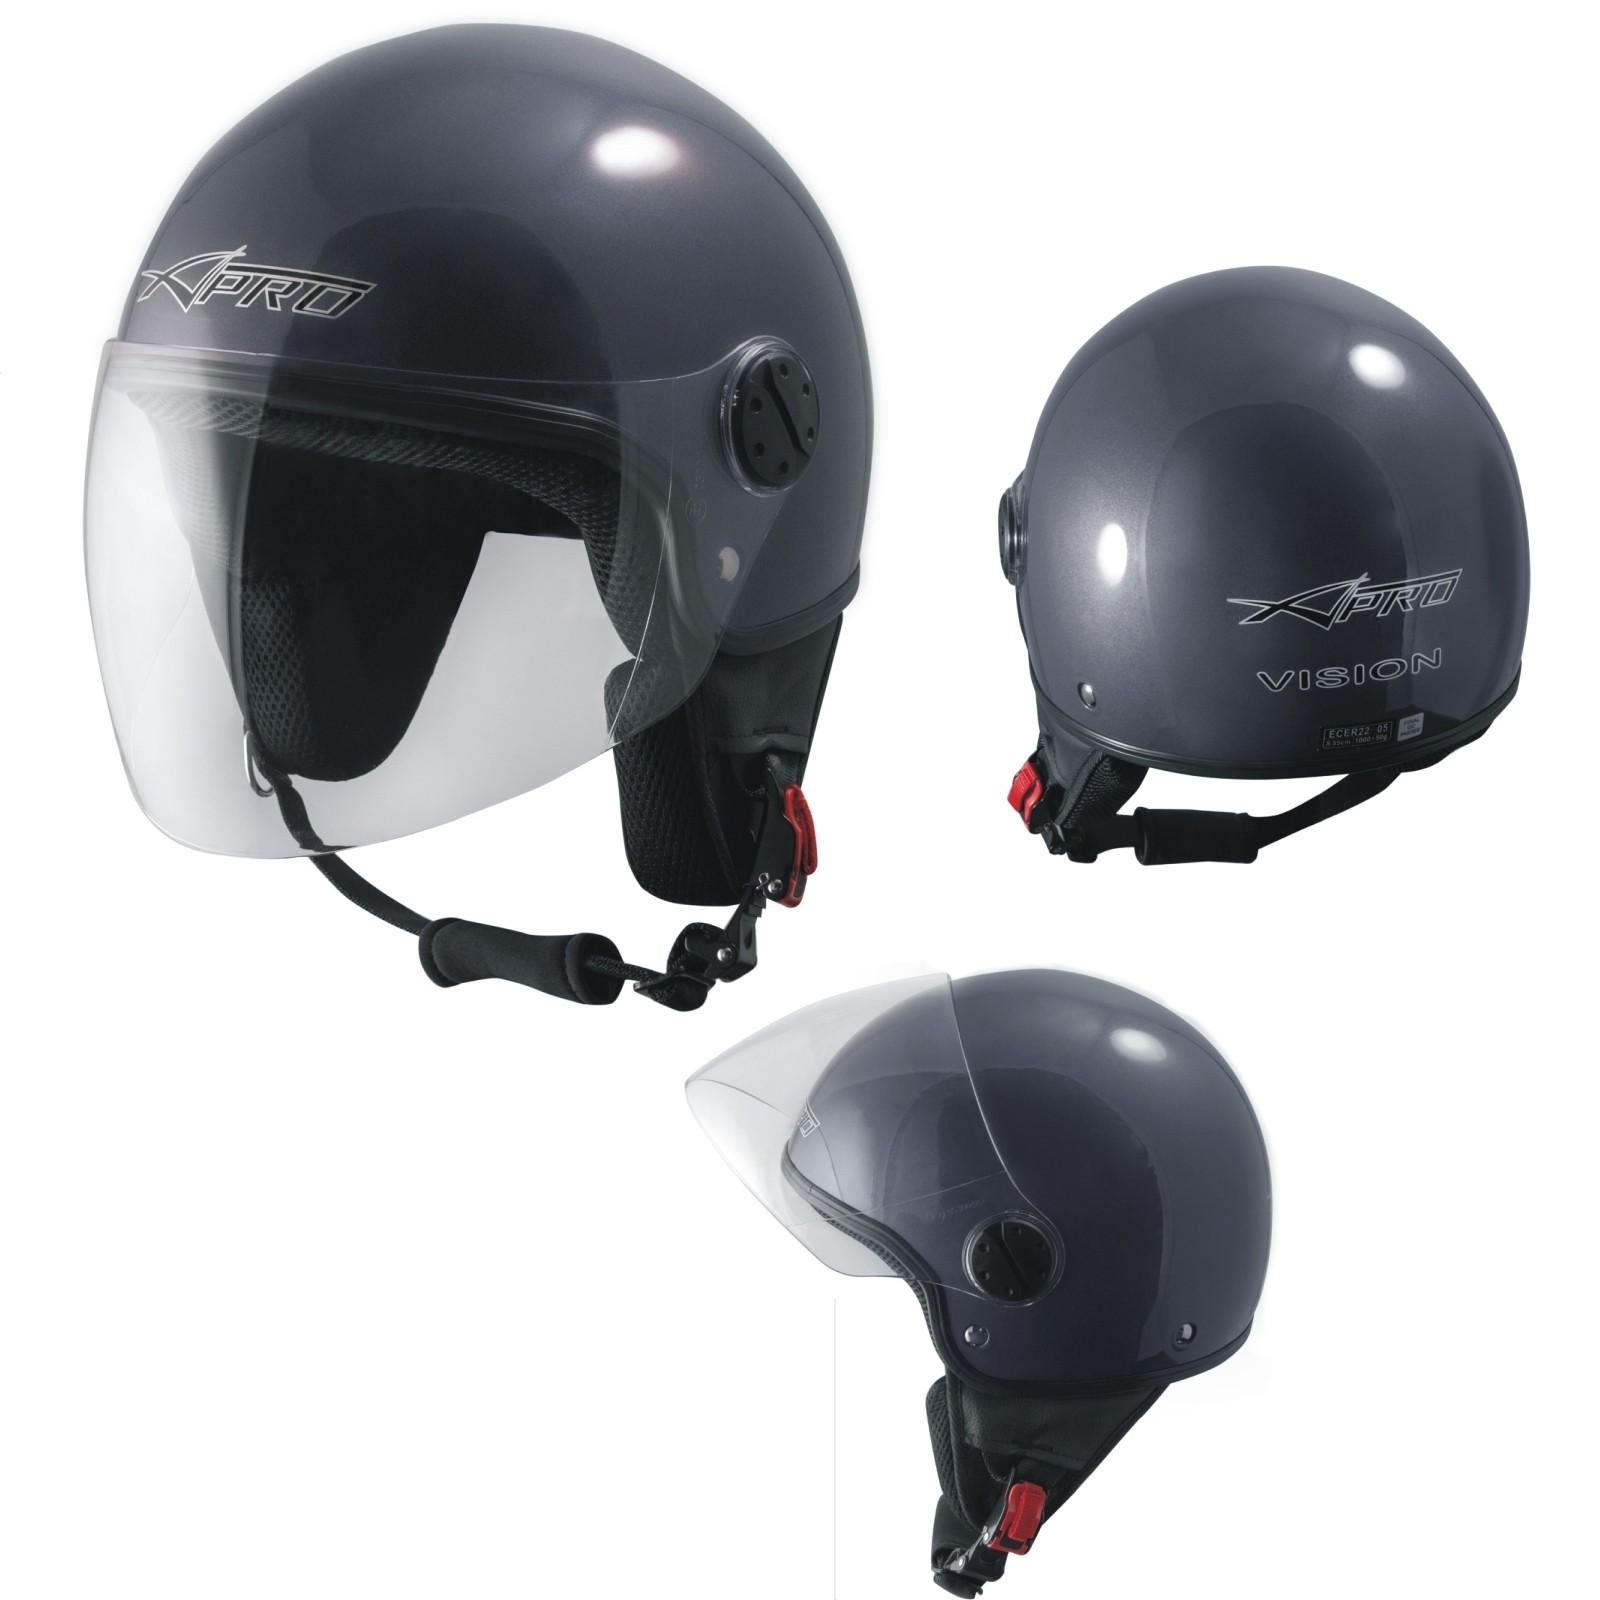 af46dd7fffc7b Demi Jet Casco Moto Scooter Urbano Homologado ECE 22 Visor Gris Oscuro. 49%  OFF